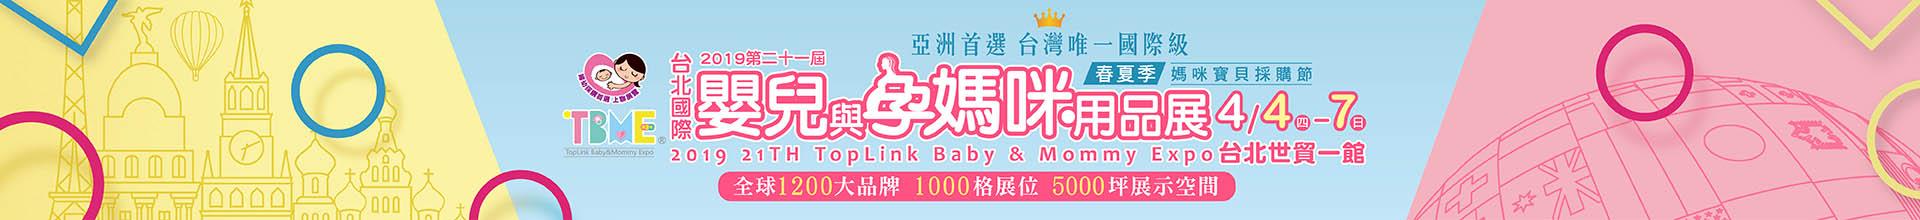 台北國際嬰兒與孕媽咪用品展 春夏季